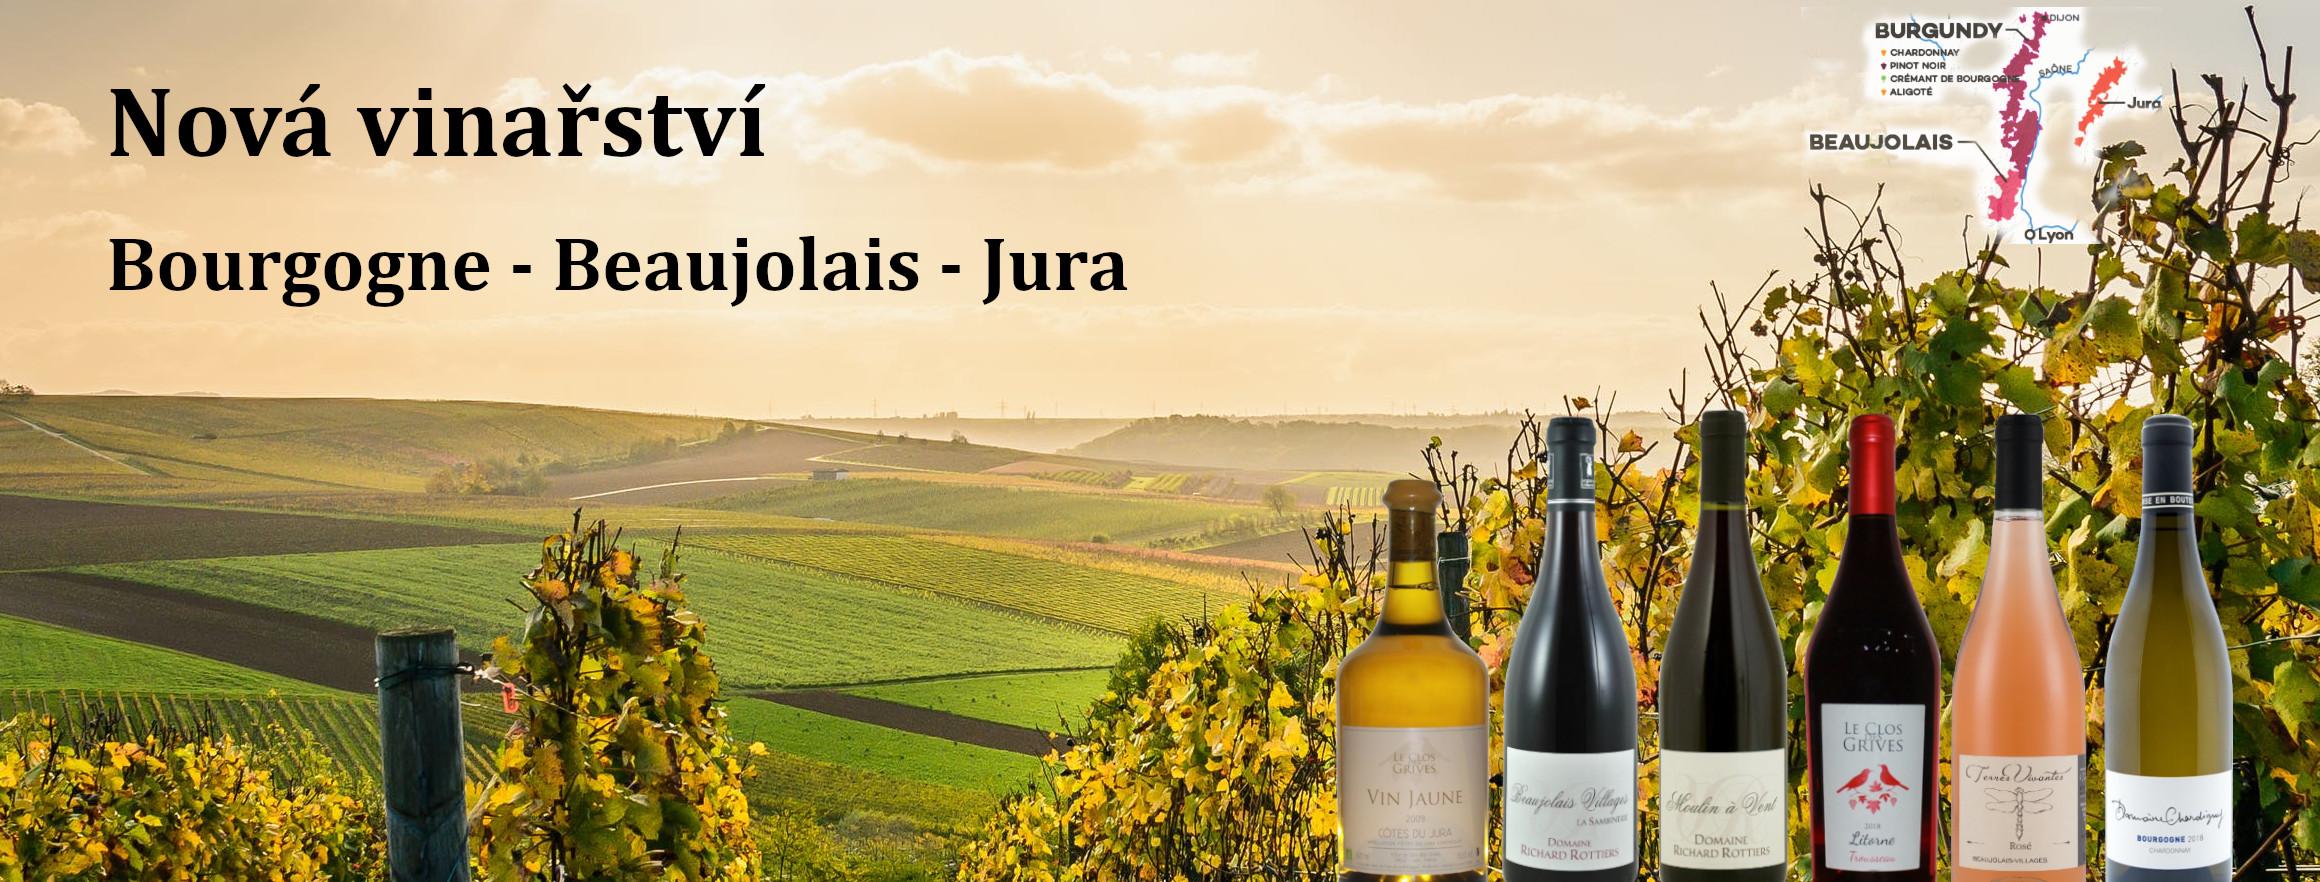 Bourgogne - Beaujolais - Jura